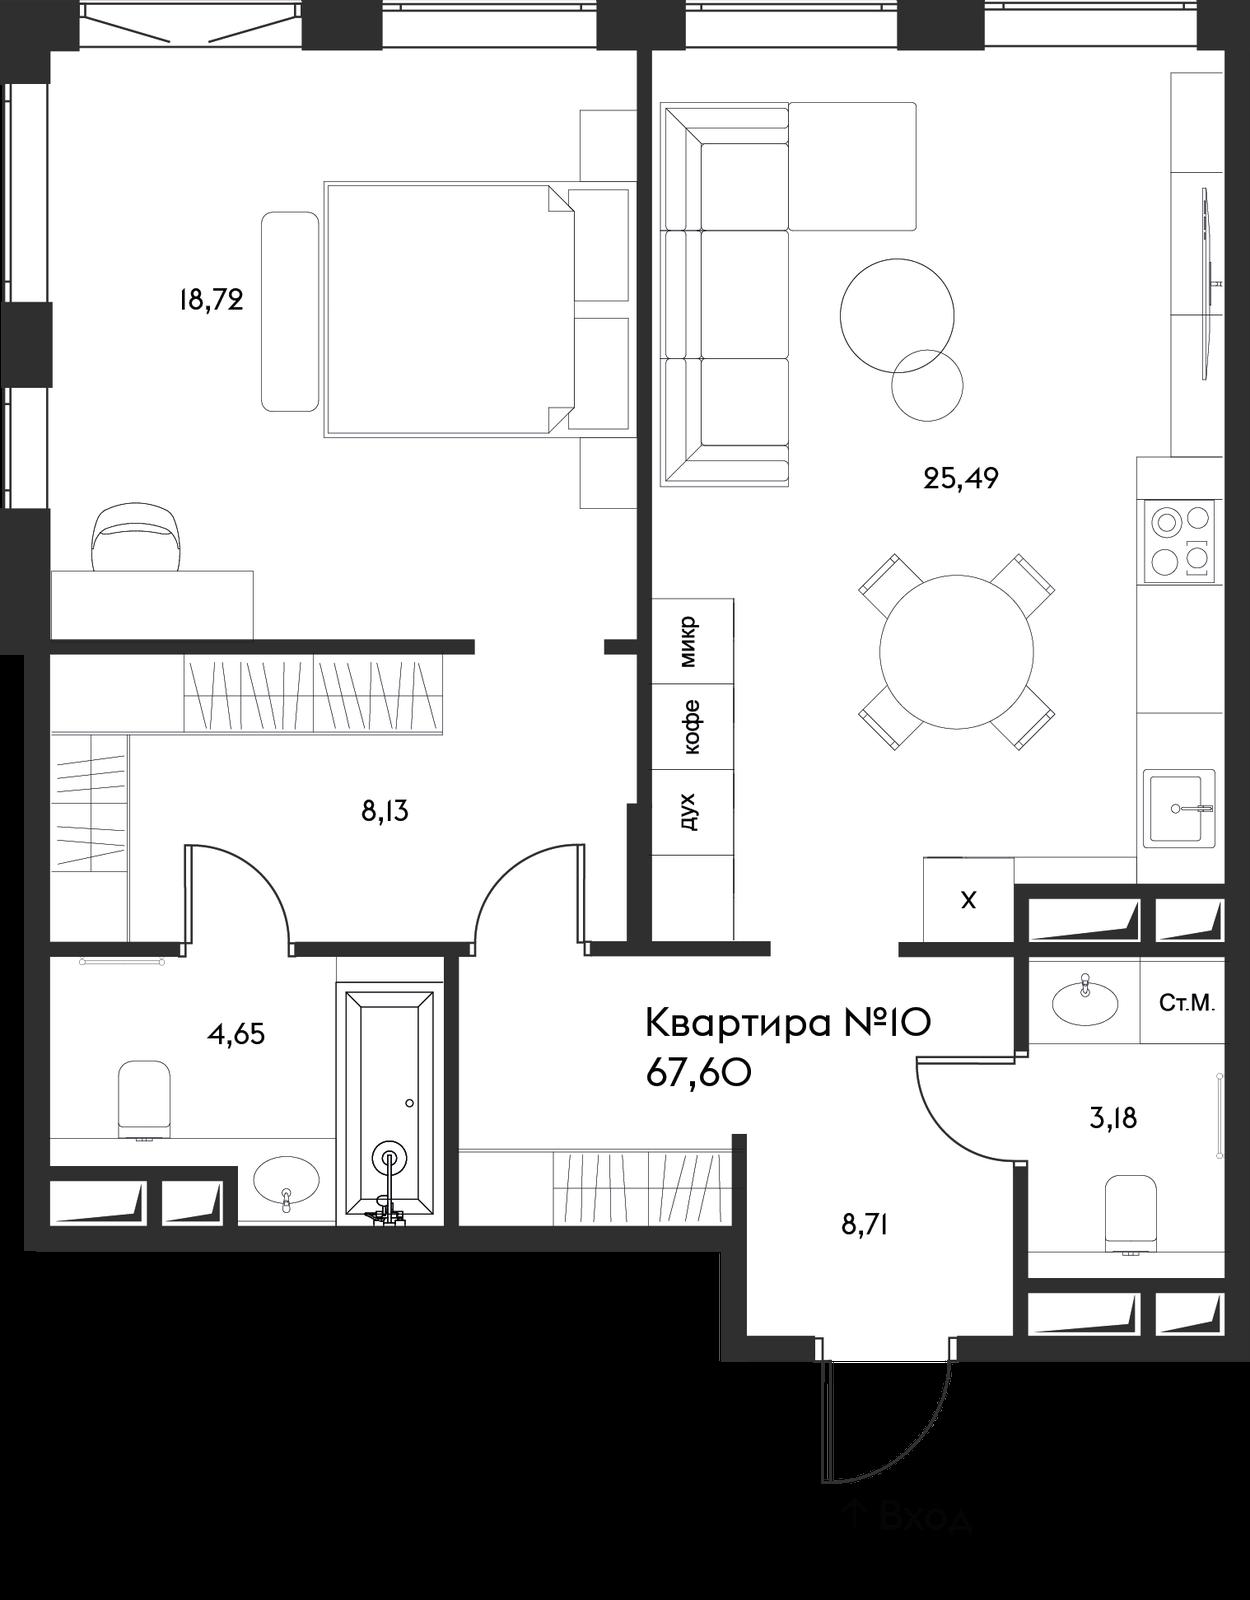 Продаётся 1-комнатная квартира в новостройке 67.6 кв.м. этаж 5/17 за 39 582 056 руб